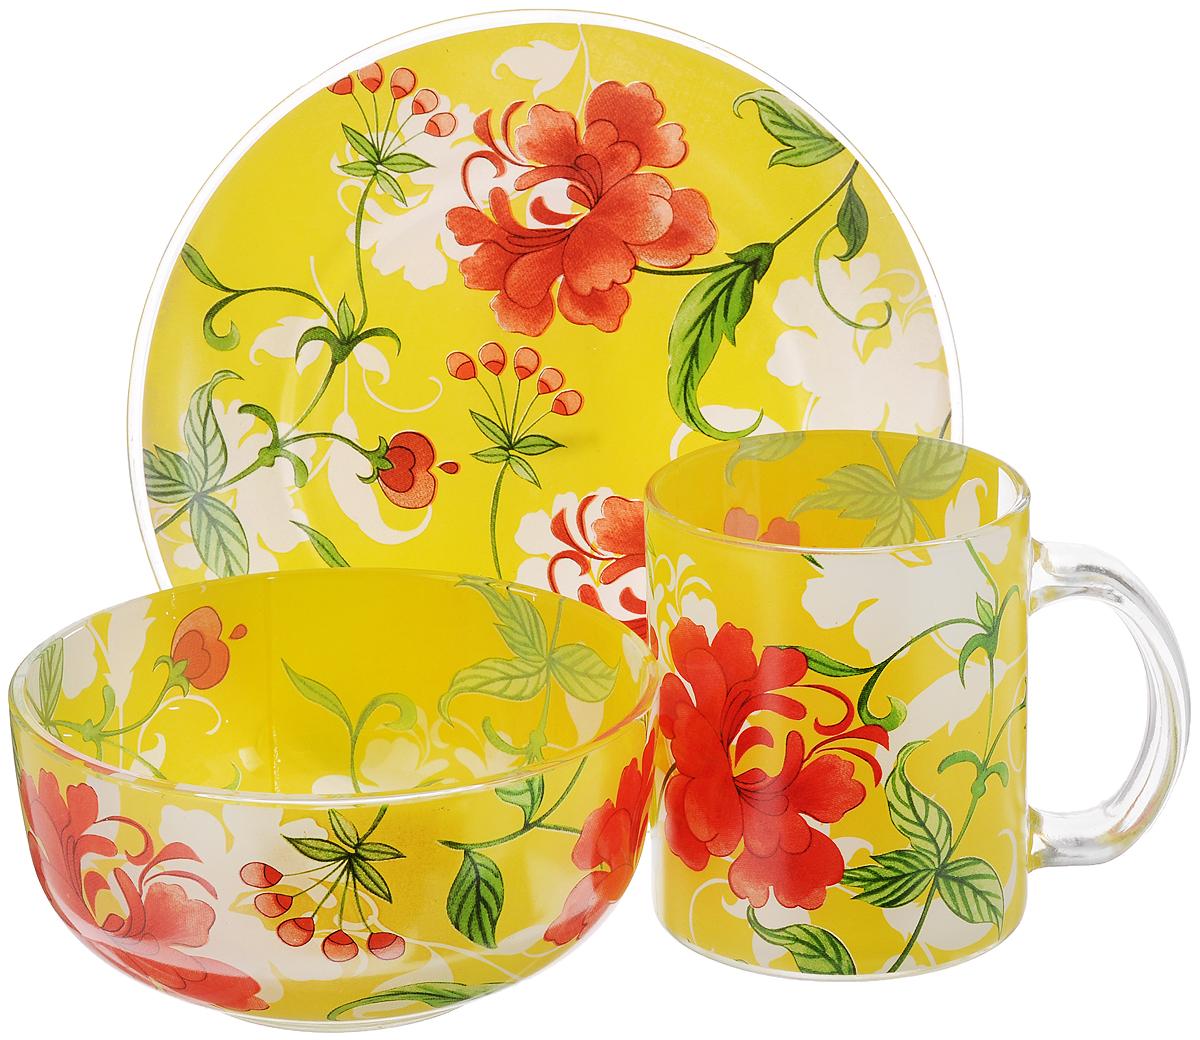 Набор для завтрака Bekker Koch, 3 предметаVT-1520(SR)Набор для завтрака Bekker Koch состоит из тарелки, салатника и кружки. Предметы набора выполнены из высококачественного жаропрочного стекла и оформлены ярким цветочным рисунком. Стильный дизайн, несомненно, придется вам по вкусу.Набор для завтрака Bekker Koch украсит ваш кухонный стол, а также станет замечательным подарком к любому празднику.Диаметр кружки (по верхнему краю): 8 см.Высота кружки: 9,5 см.Объем кружки: 350 мл.Диаметр тарелки: 18,5 см.Высота тарелки: 2 см.Диаметр салатника: 13,2 см.Высота салатника: 6,5 см.Объем салатника: 600 мл.